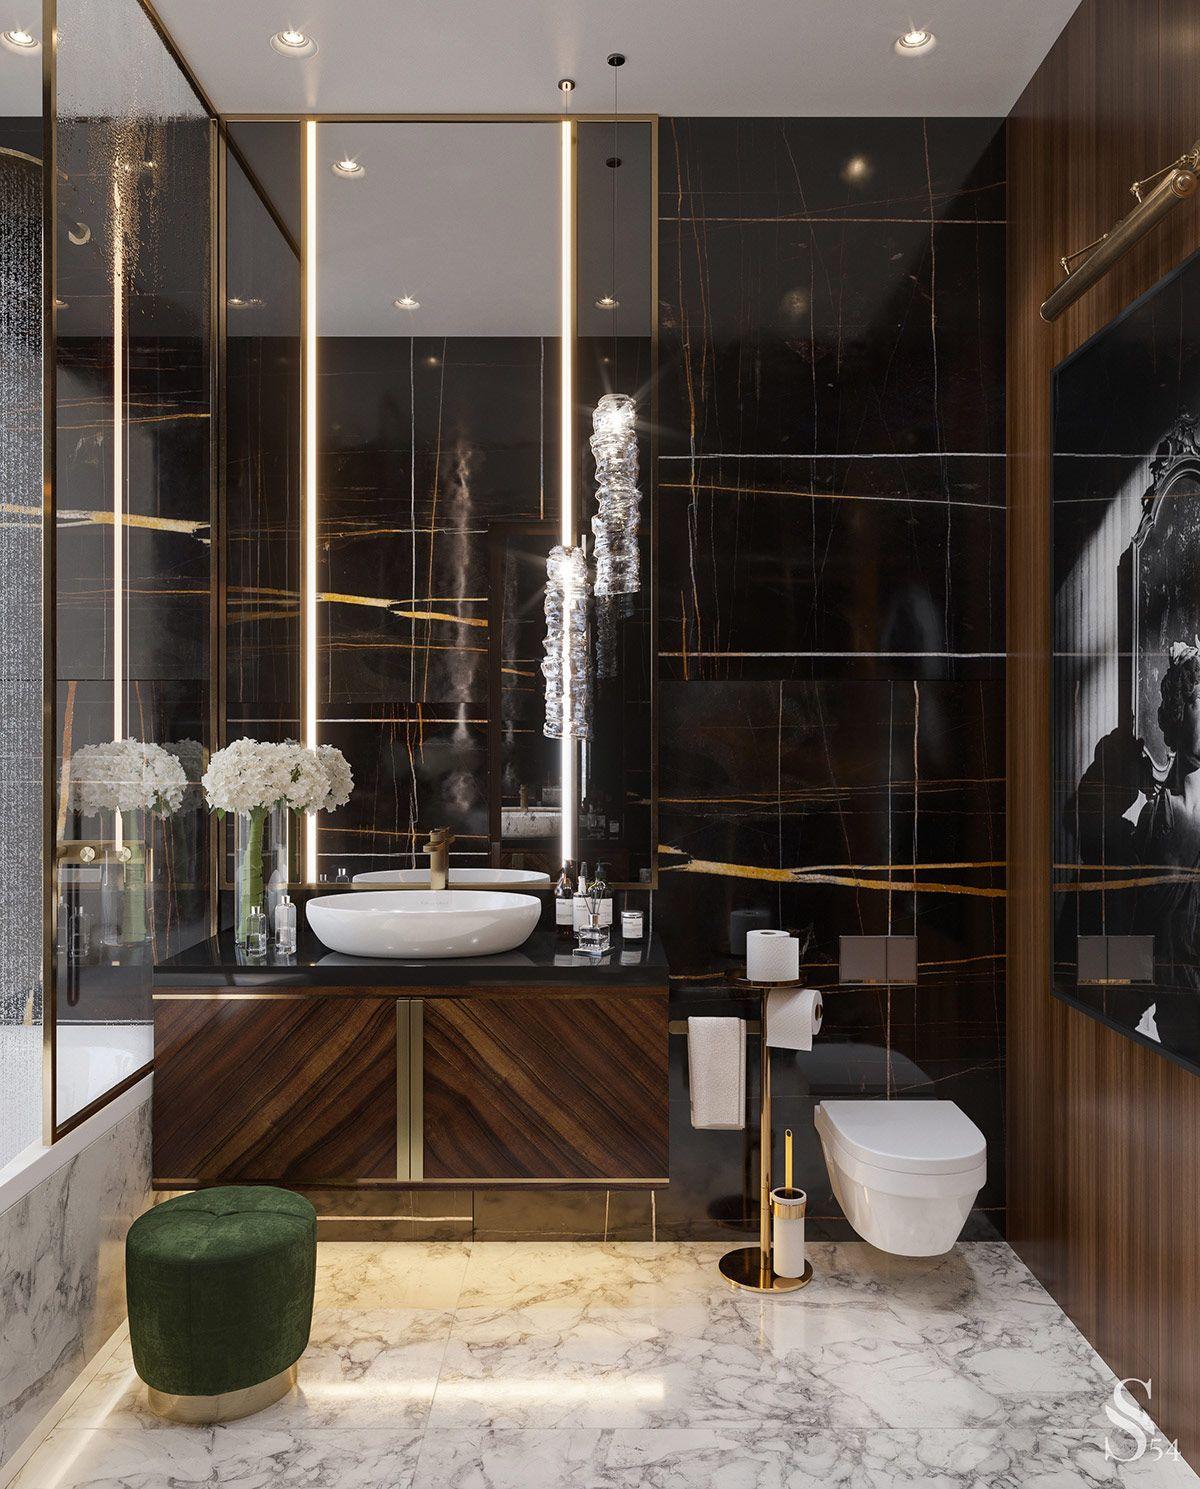 Luxury Modern Moroccan Interior Design Bathroom Design Luxury Bathroom Interior Design Luxury Modern Moroccan Interior Design Bathroom interior design modern